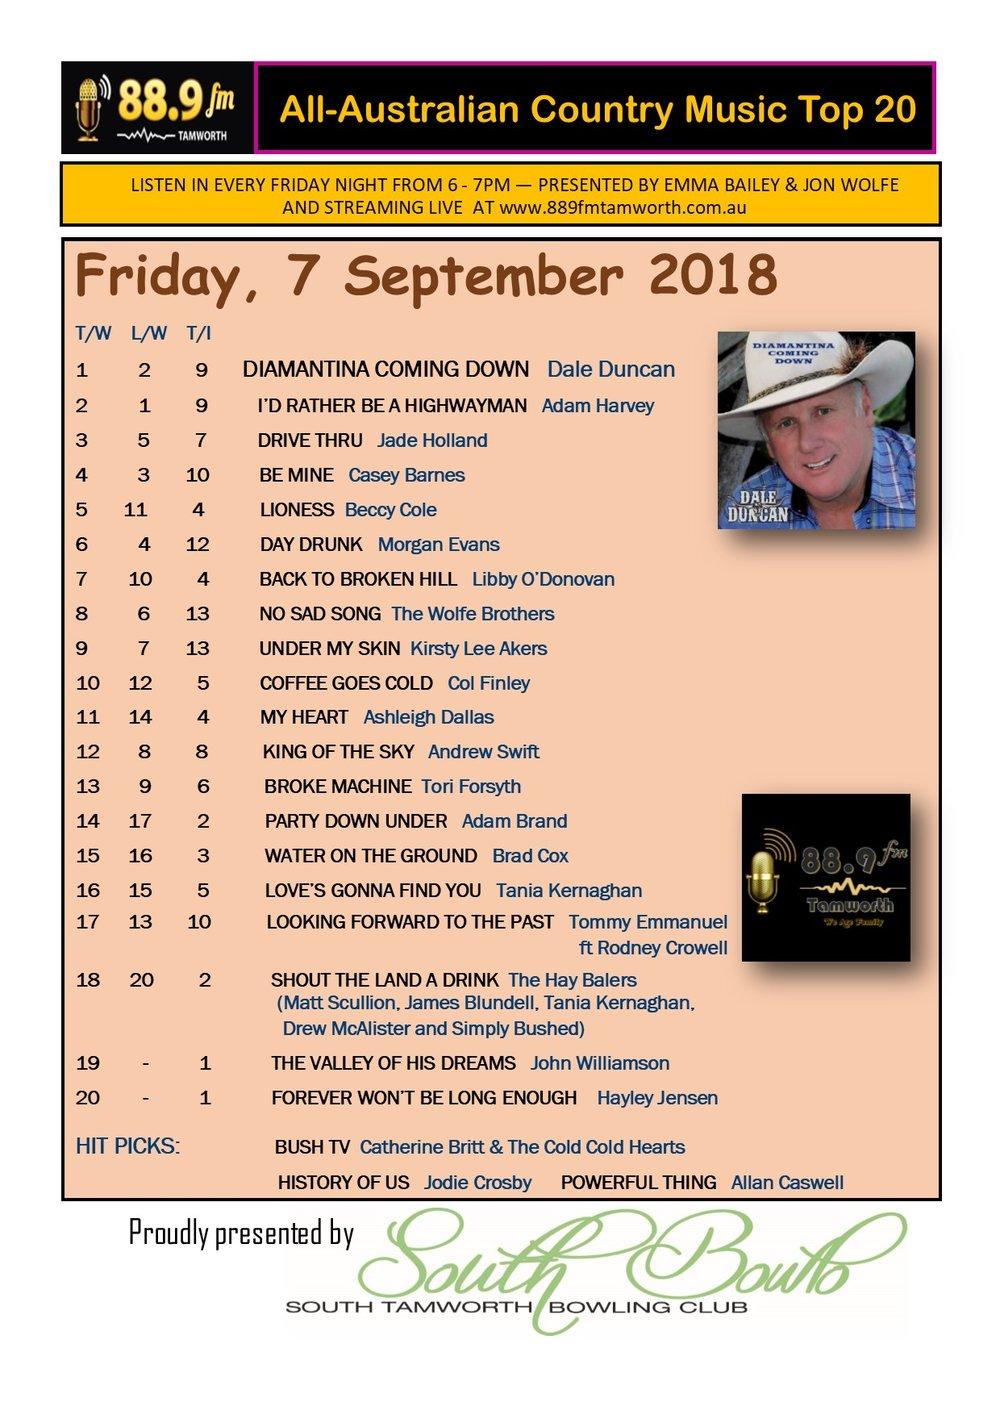 889FM CHART 7 September 2018.jpg